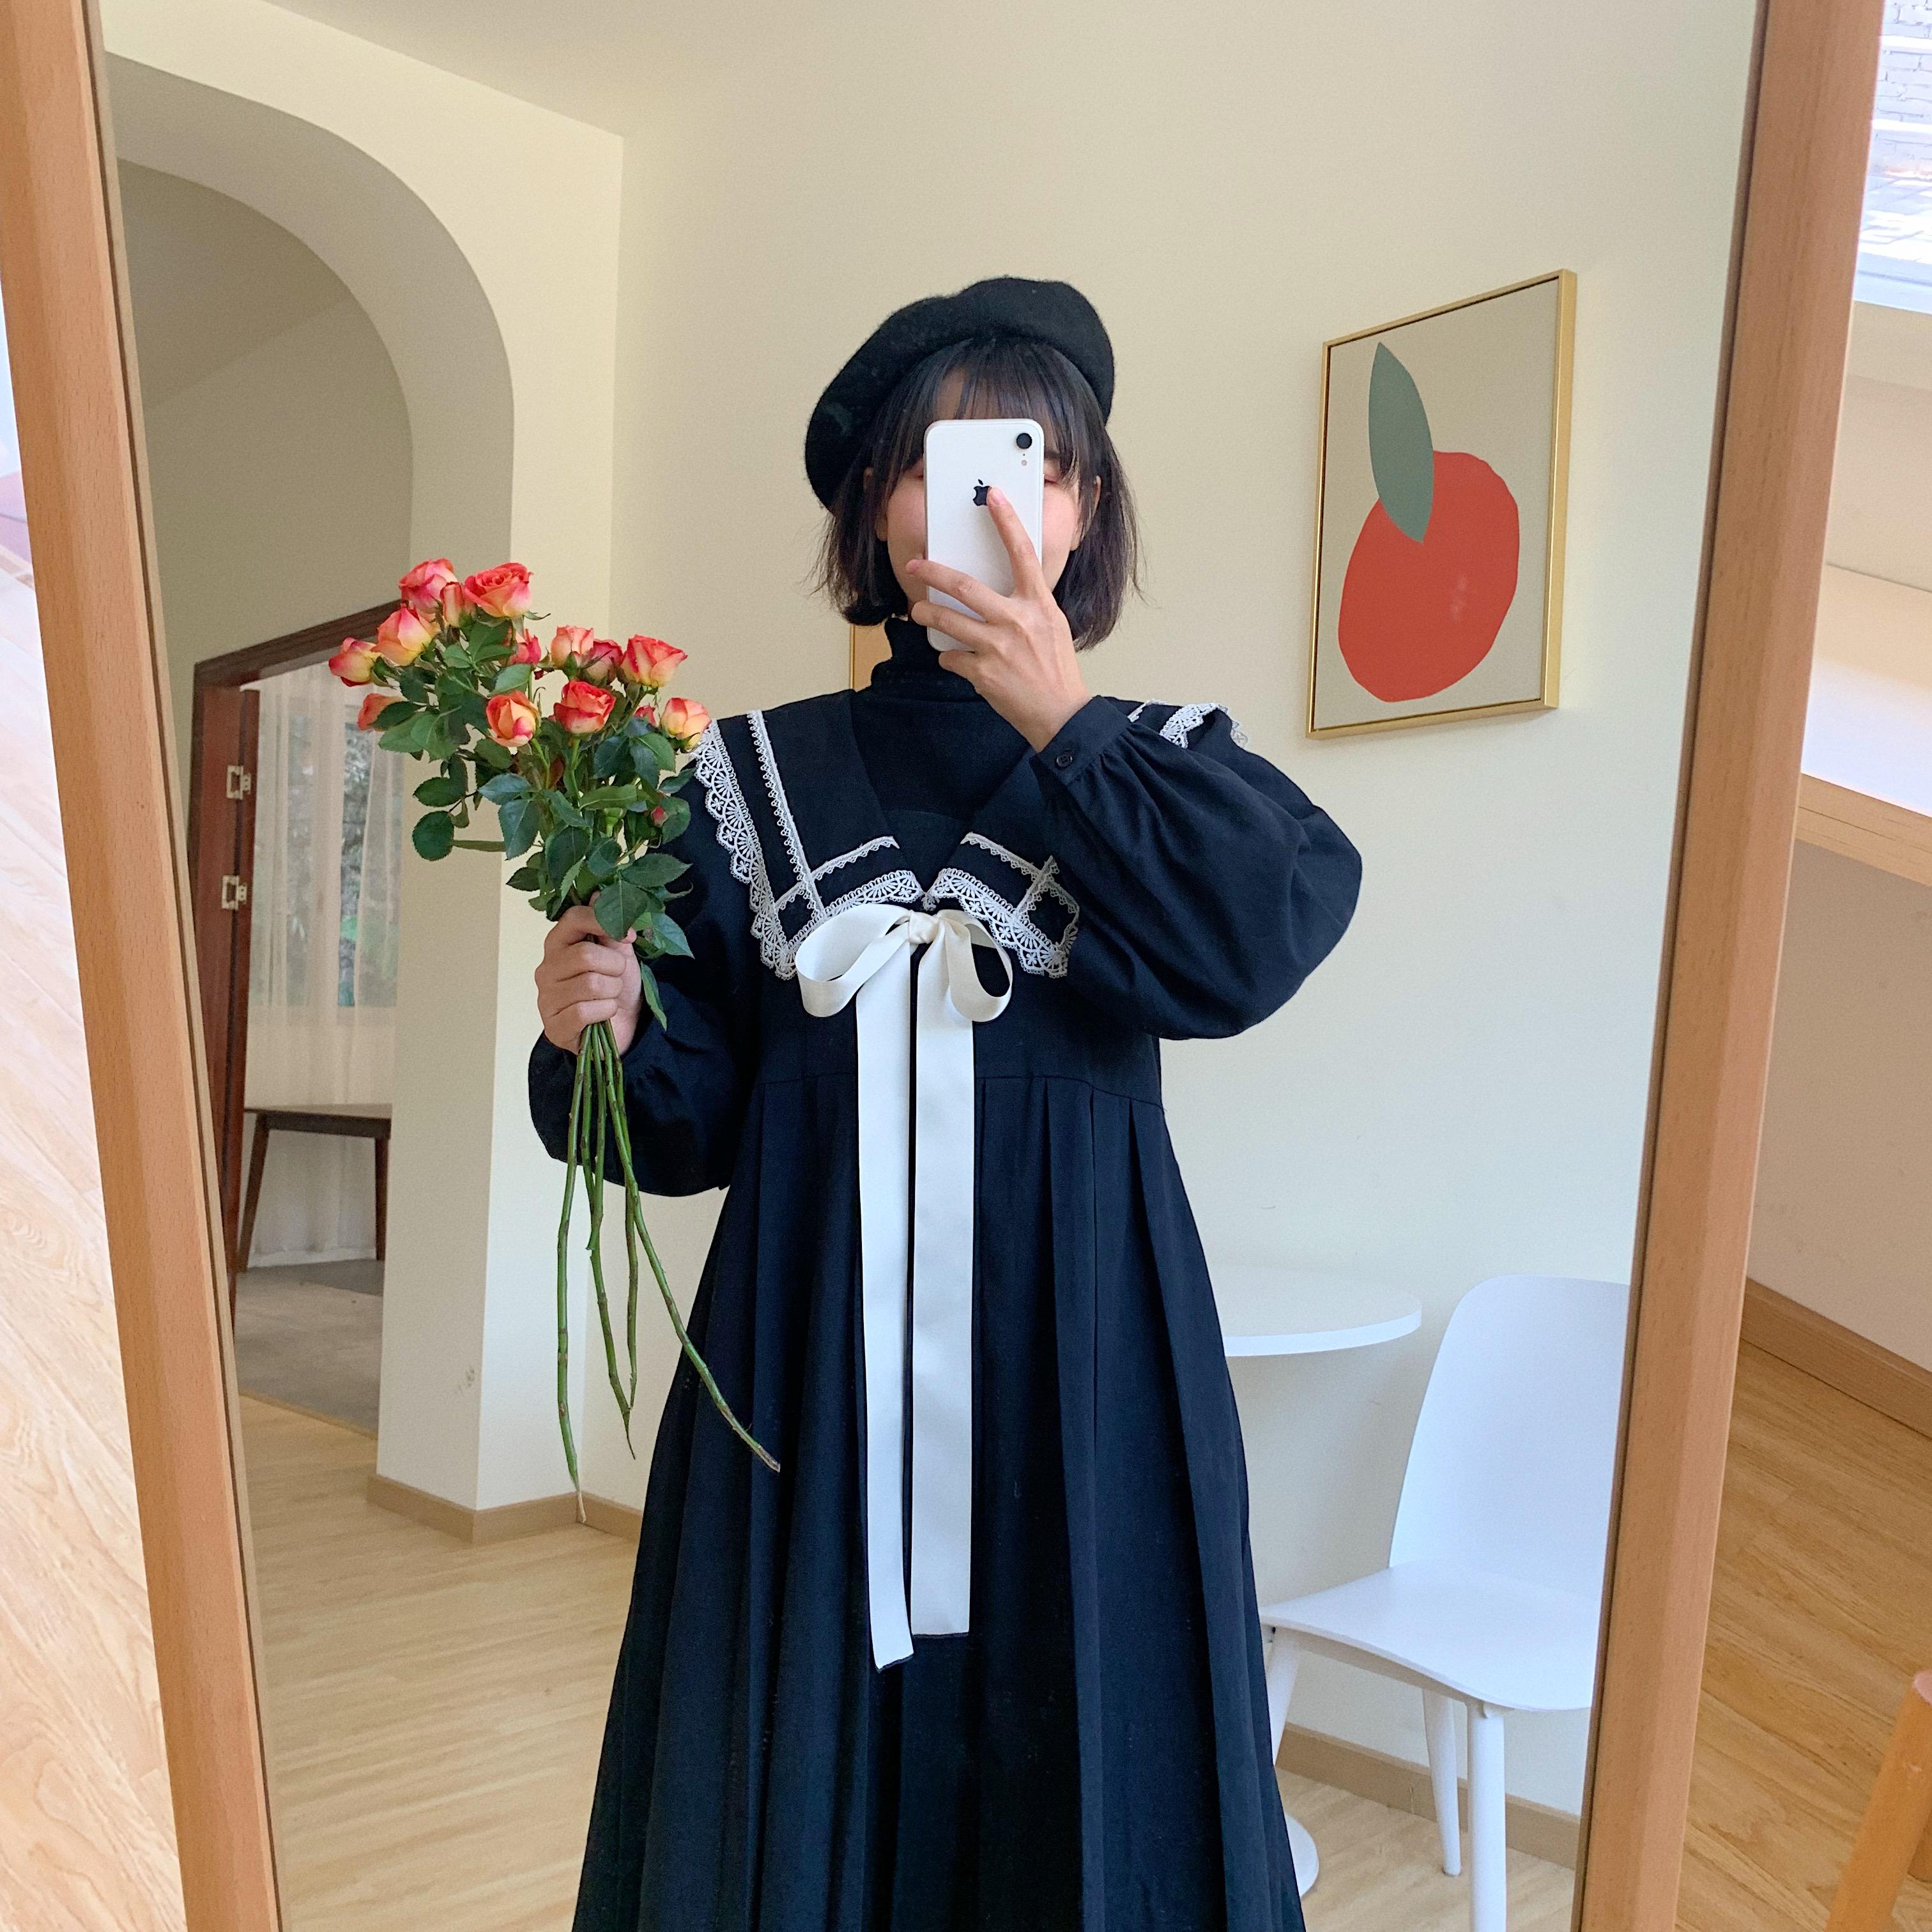 林阿俊原创自制法式复古圣诞黑色百褶蕾丝披肩领气质优雅连衣裙